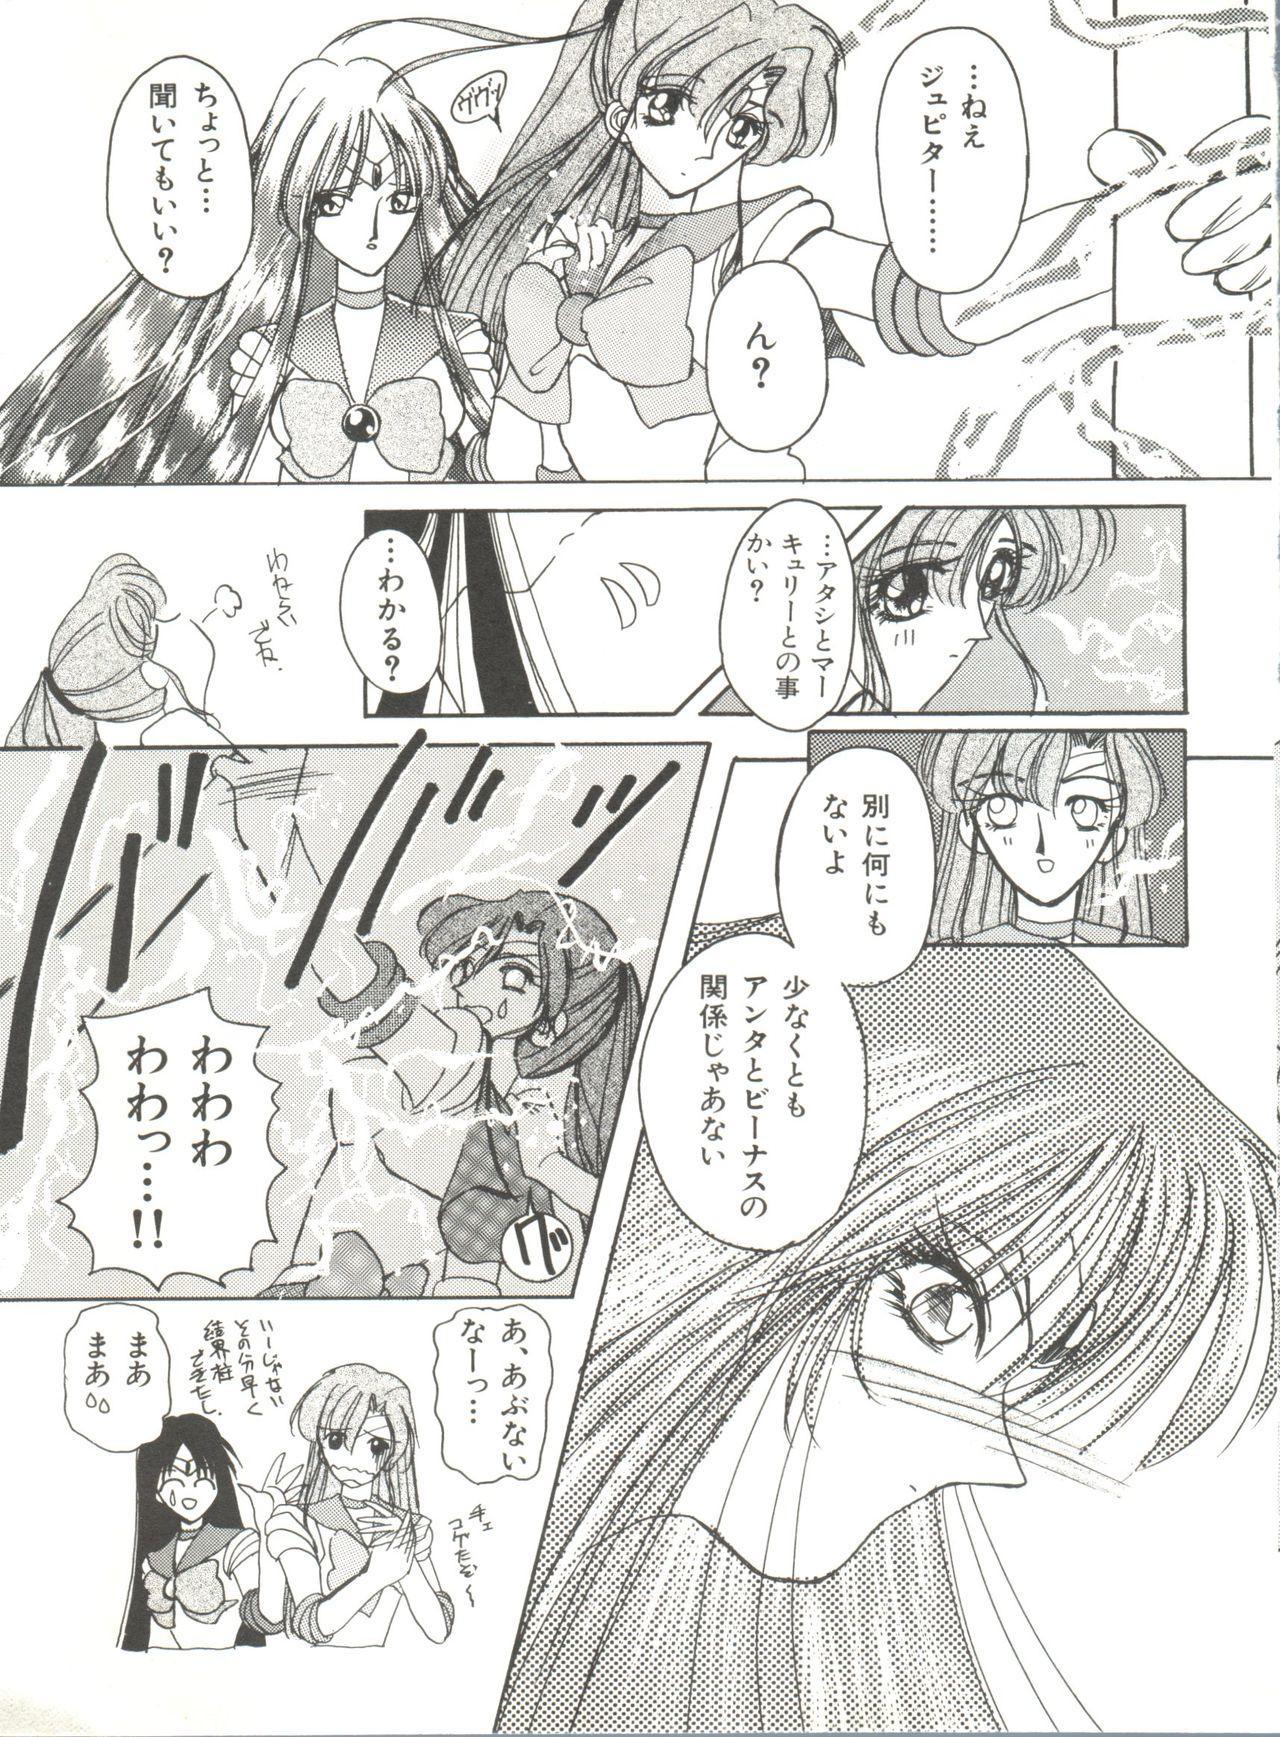 Bishoujo Doujinshi Anthology 12 - Moon Paradise 7 Tsuki no Rakuen 71